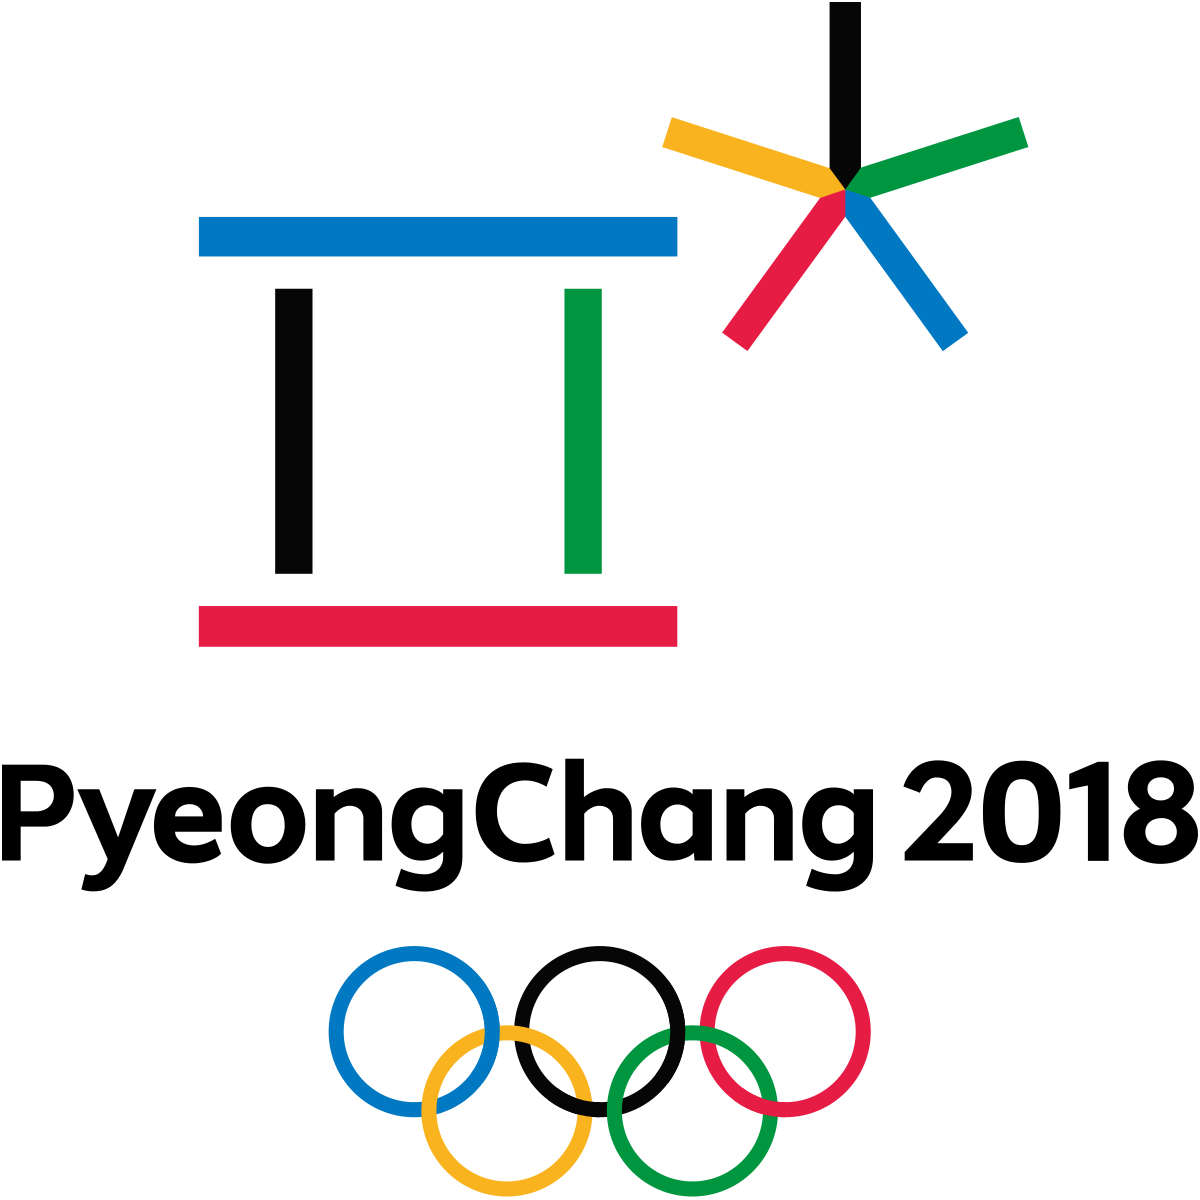 Les jeux Olympiques d'hiver de 2018 à Pyeongchang.